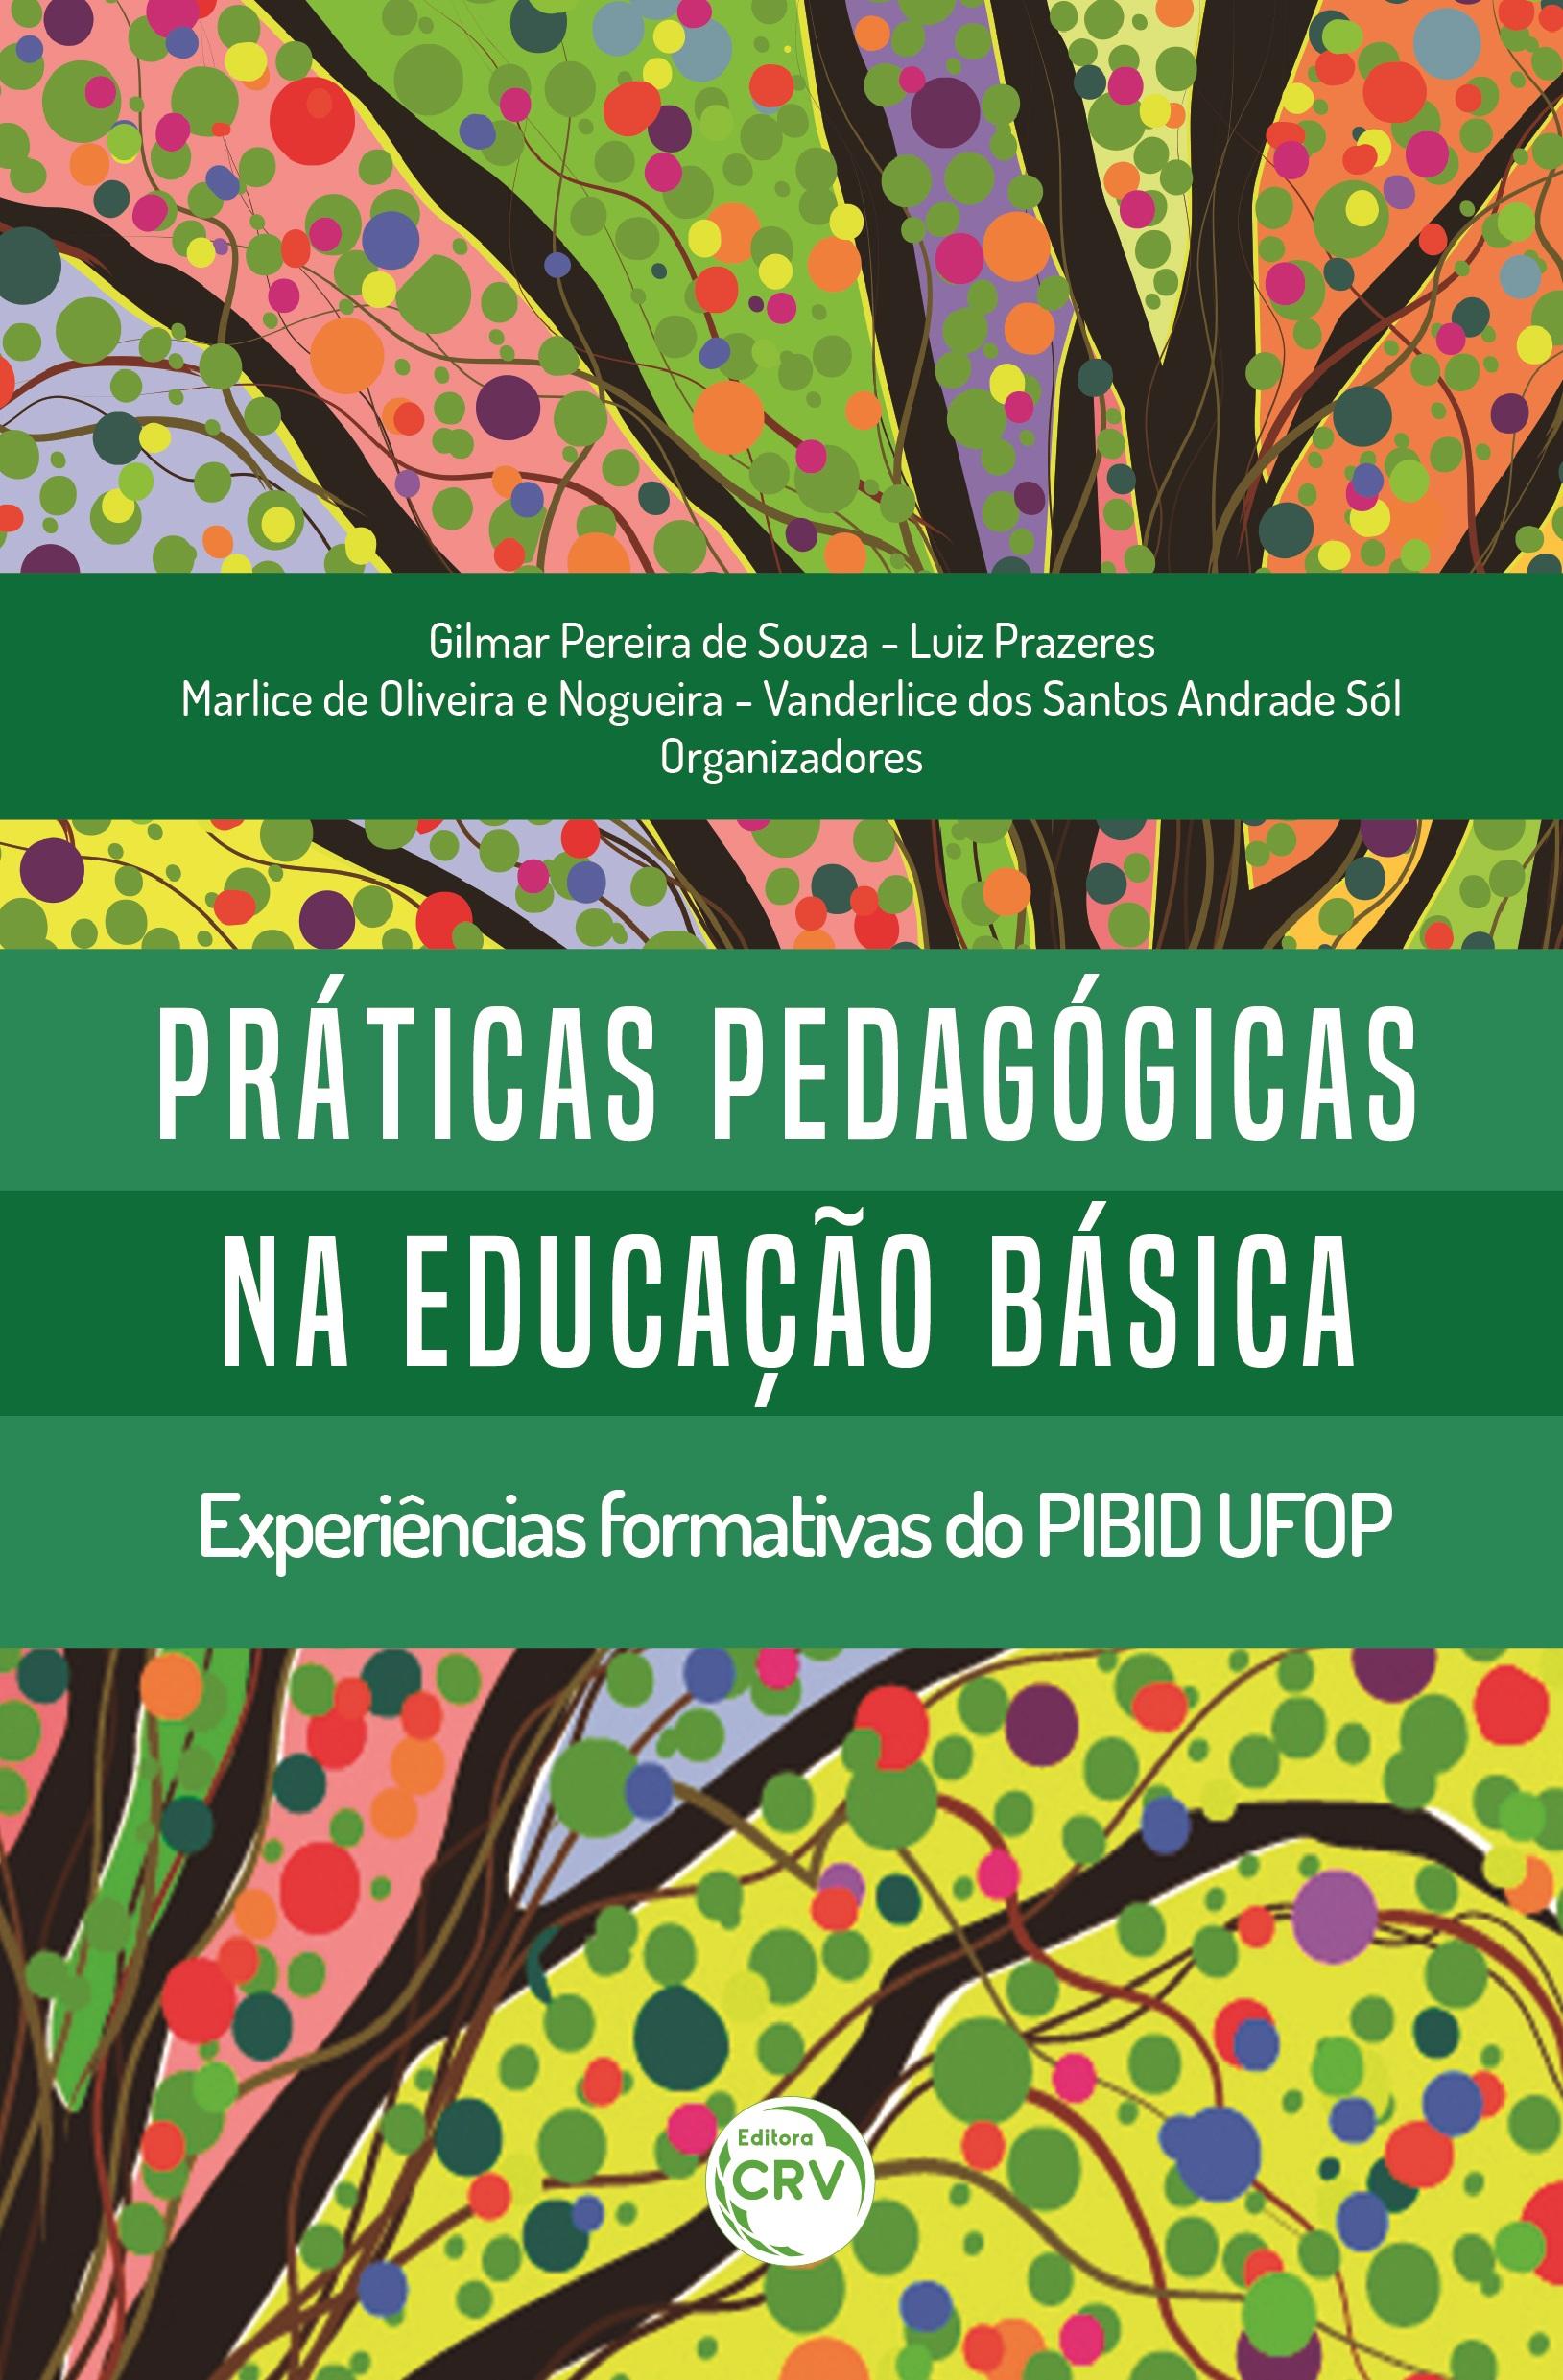 Capa do livro: PRÁTICAS PEDAGÓGICAS NA EDUCAÇÃO BÁSICA: <br>experiências formativas do PIBID UFOP